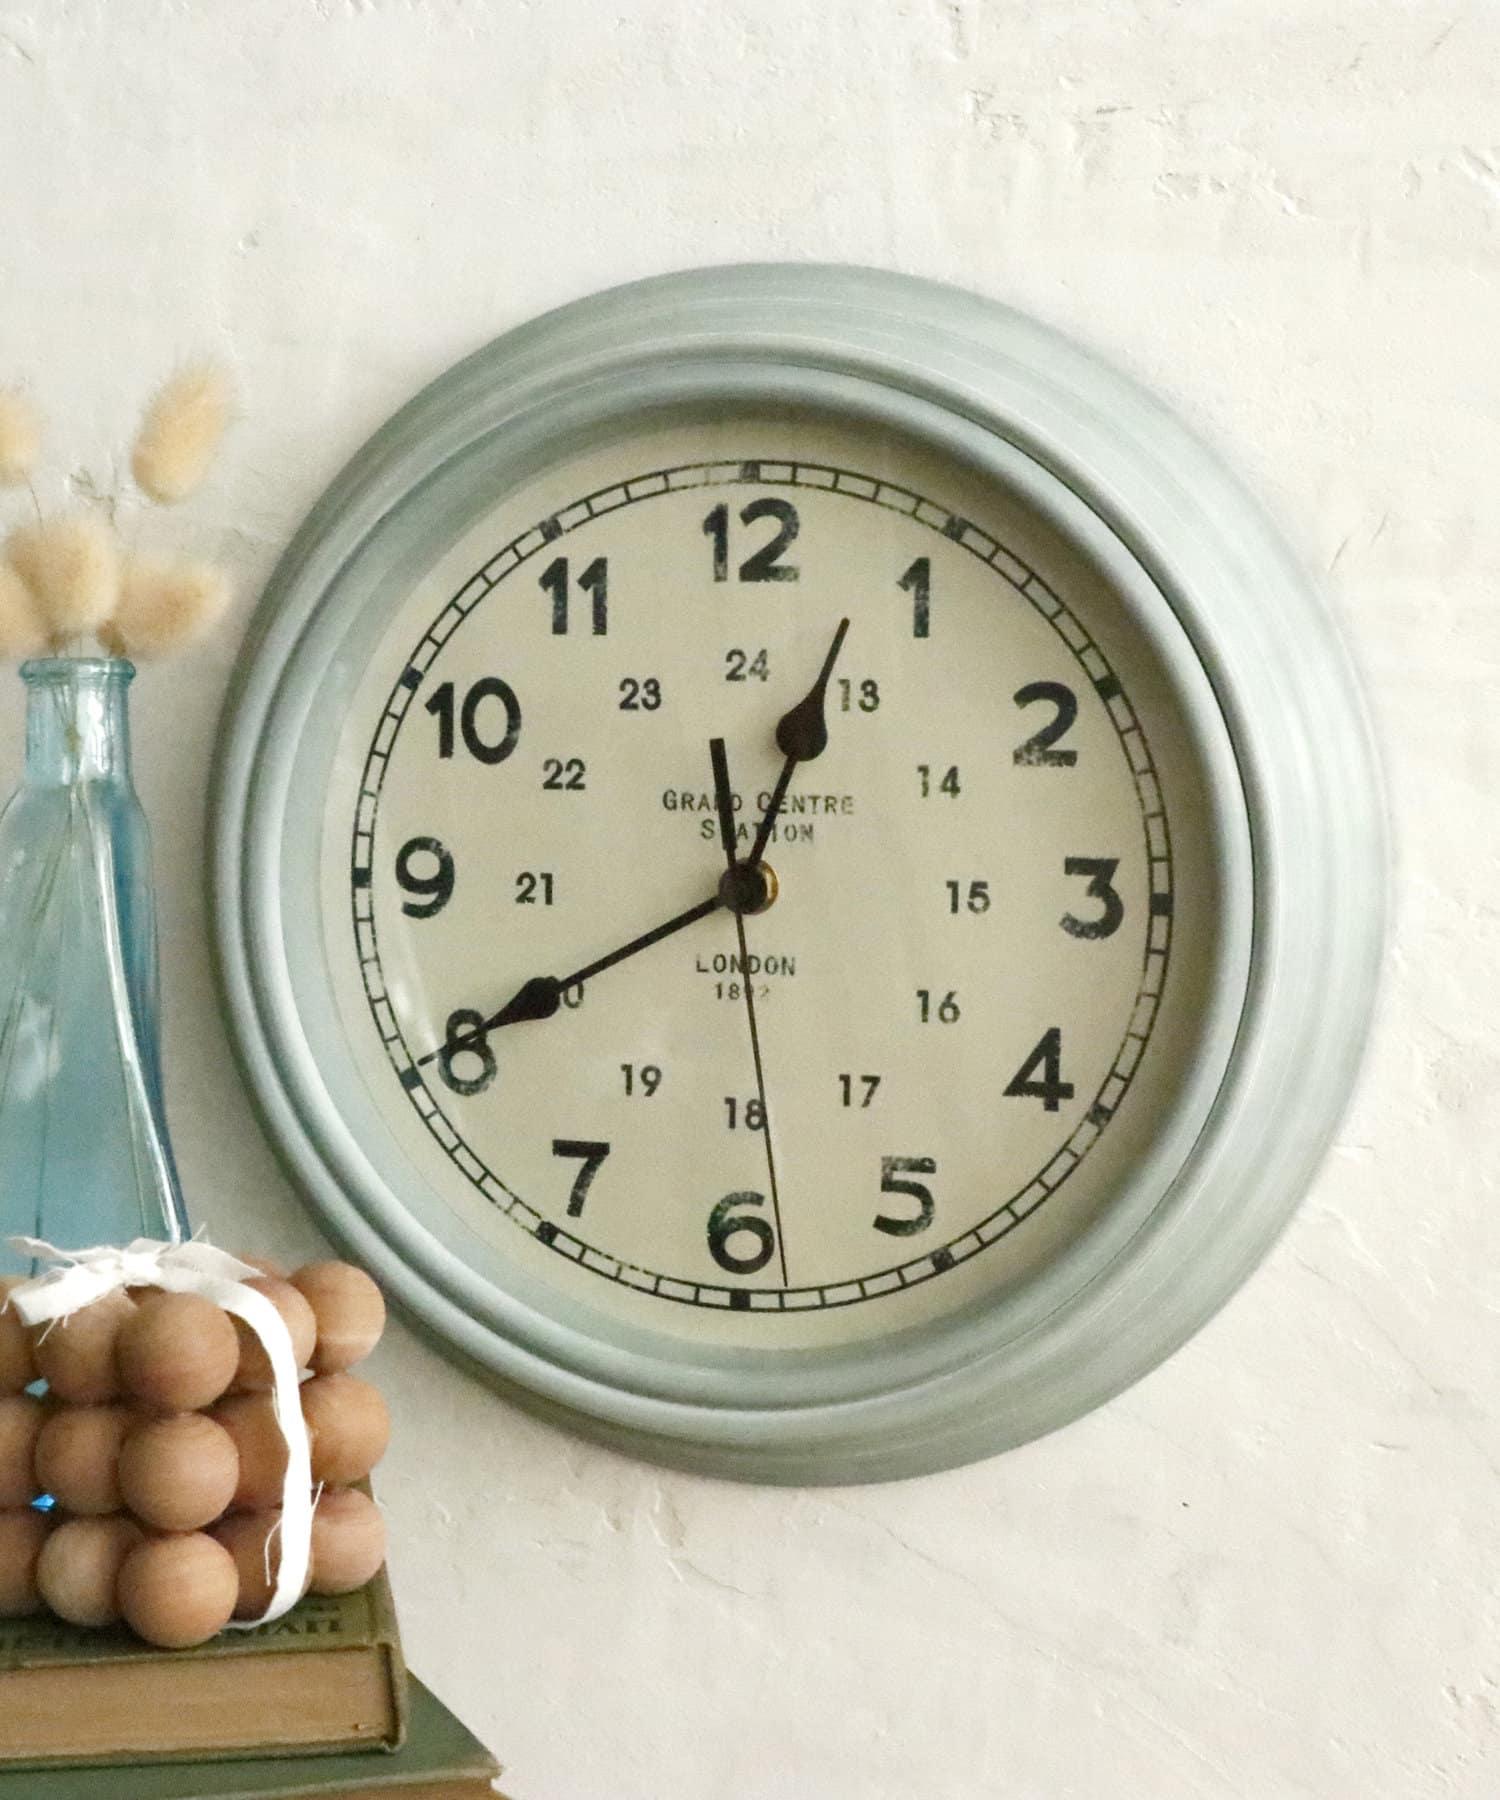 salut!(サリュ) ライフスタイル 【salut!で大人気の壁掛け時計】ヌーヴェルウォールクロック その他